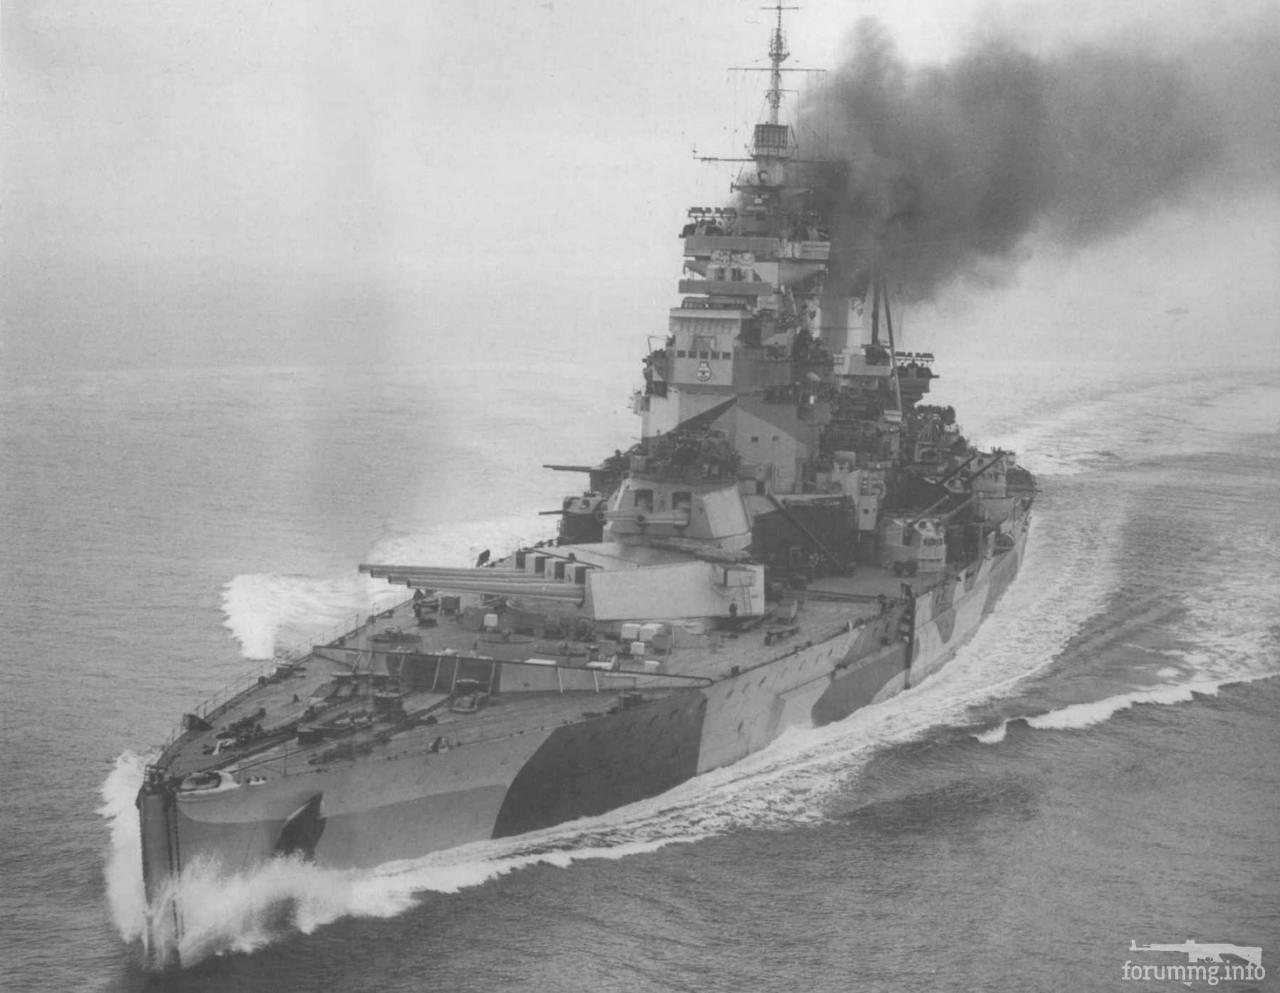 133634 - Броненосцы, дредноуты, линкоры и крейсера Британии